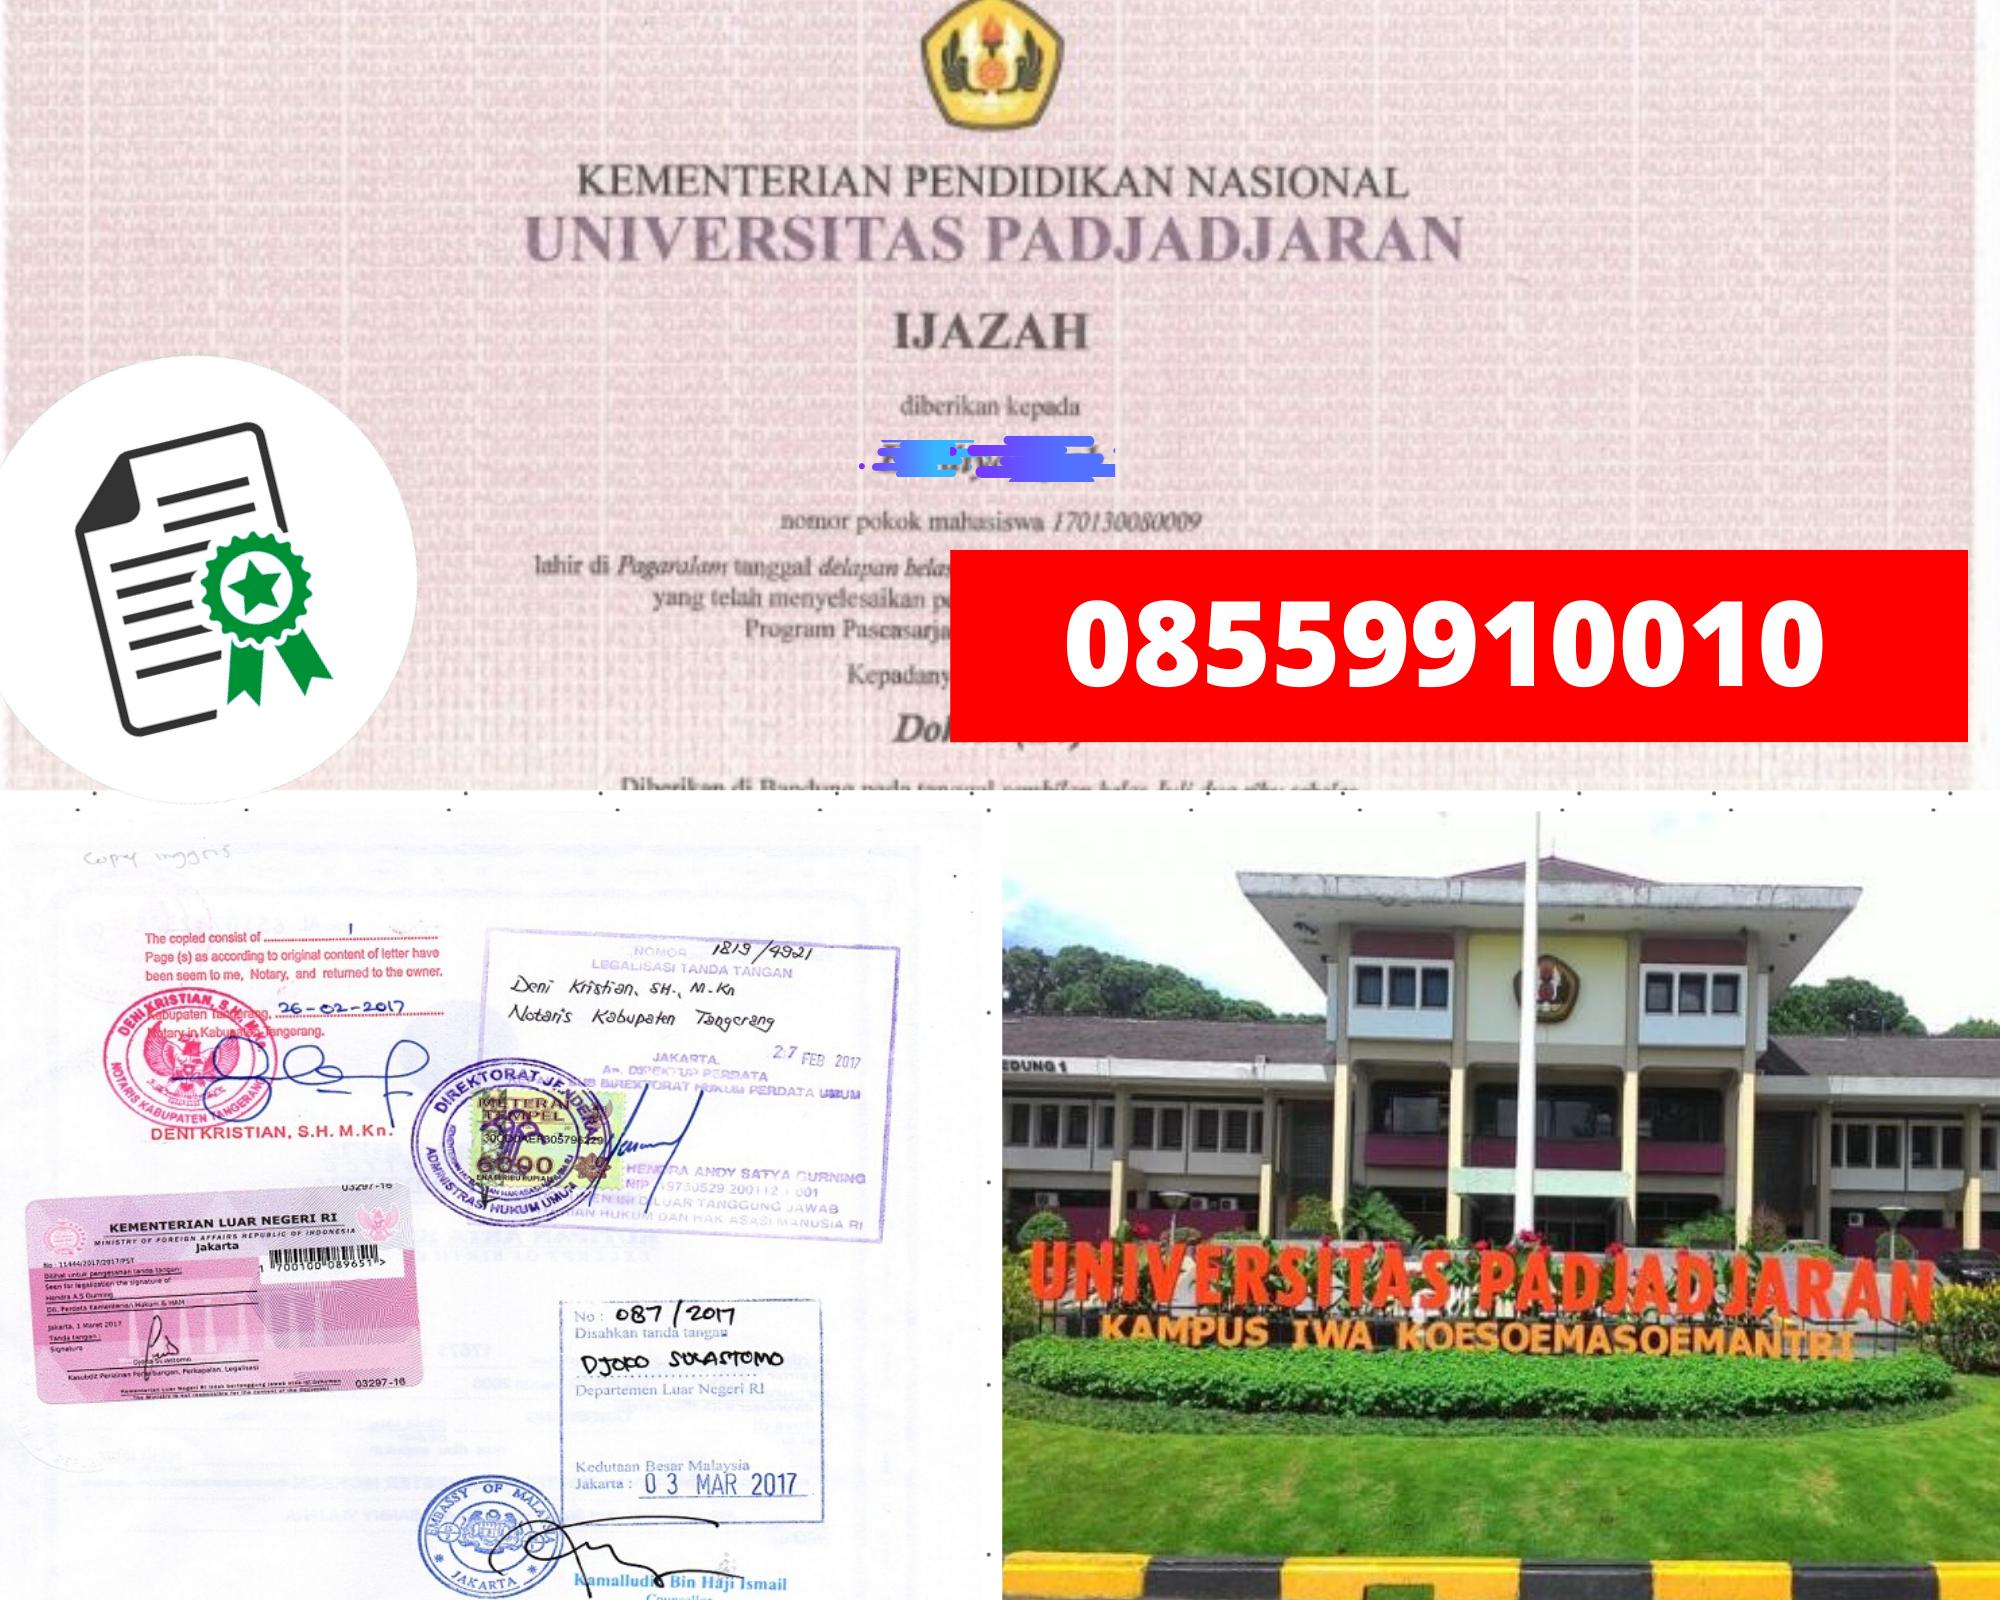 Legalisir Ijazah Universitas Padjadjaran Di Kemenristek Dikti || 08559910010